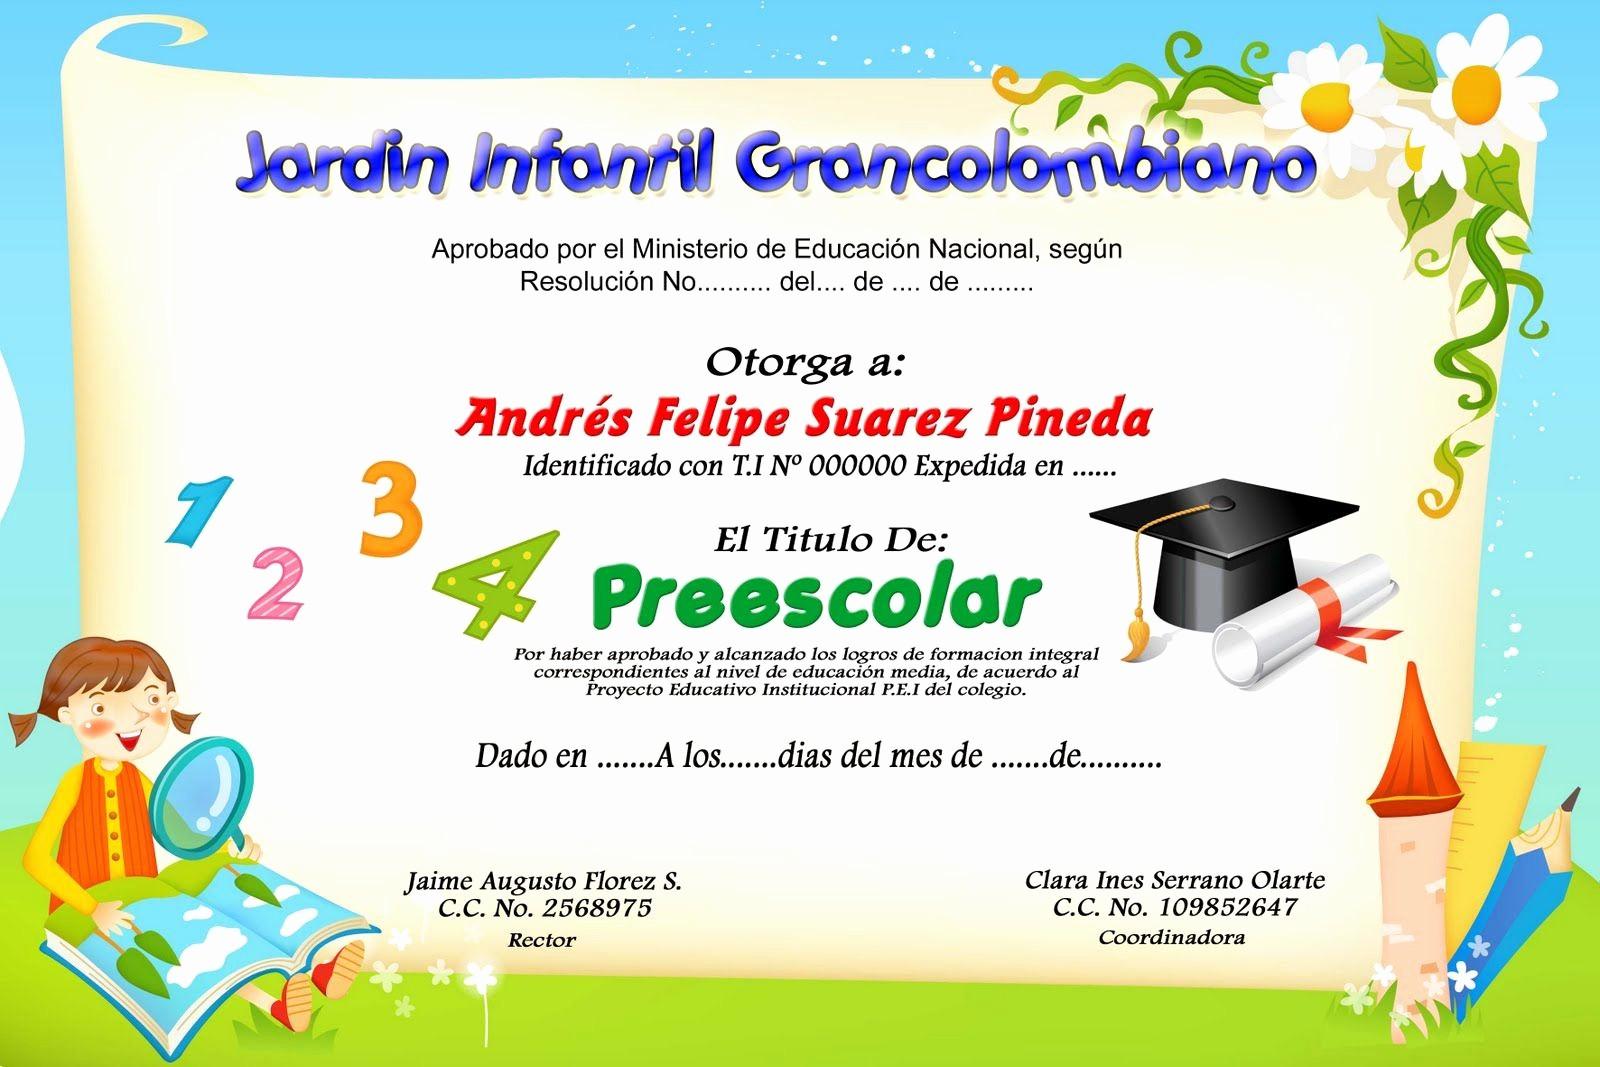 Modelos De Diplomas Para Editar New formato De Diplomas De Preescolar Imagui